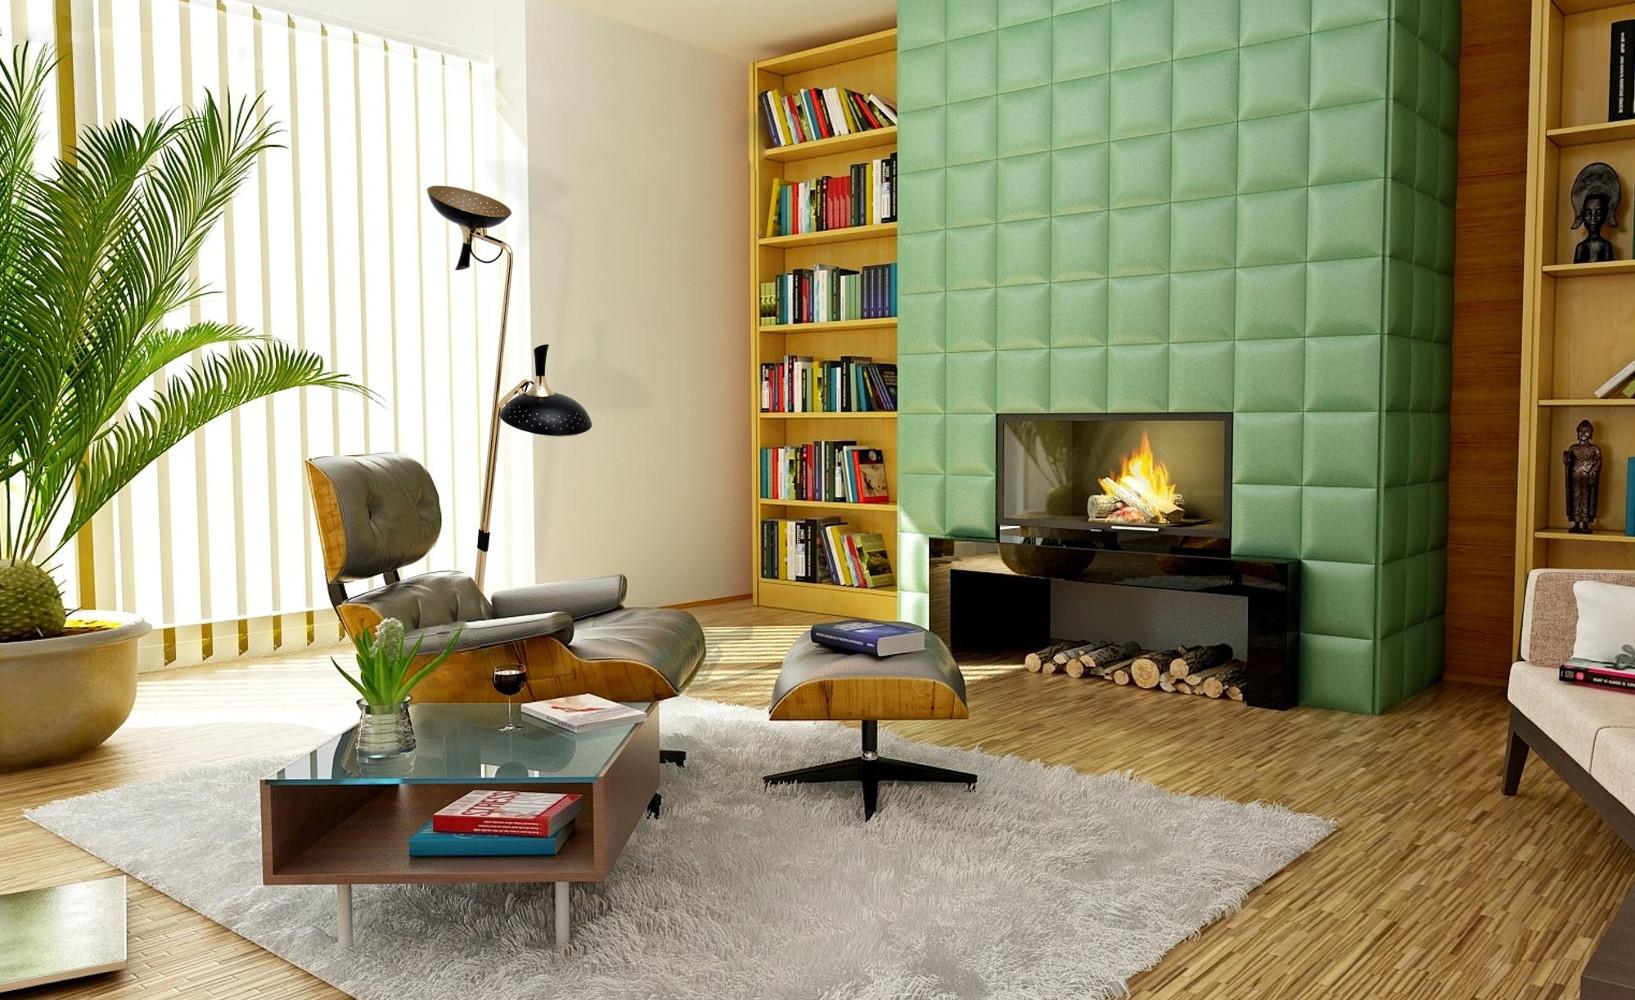 Full Size of Mbel Wohnzimmer Schrankwand Wohnwand Moderne Esstische Duschen Deckenlampen Modern Vorhang Tapete Gardinen Für Lampe Pendelleuchte Deckenleuchten Wohnzimmer Moderne Wohnzimmer